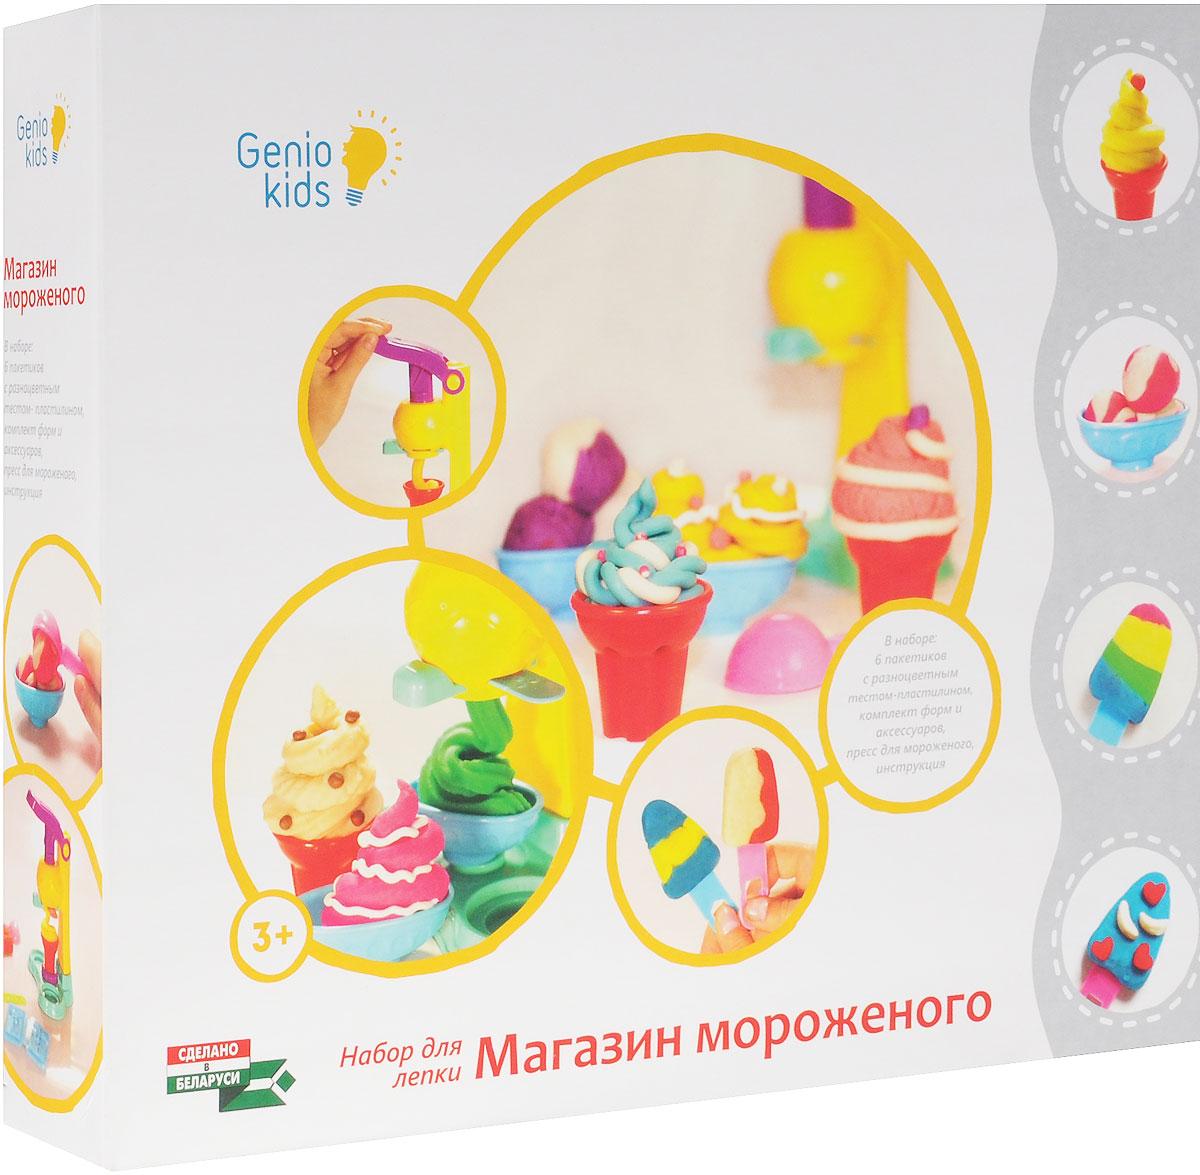 Genio Kids Набор для лепки Магазин мороженогоTA1035Набор для лепки Genio Kids Магазин мороженого - прекрасный набор для создания своего собственного, самого вкусного и неповторимого мороженного. Специальная пресс-давилка и формочки, входящие в состав набора, помогут вашему ребенку создавать свои шедевры. Это уникальный продукт для раннего детского творчества, произведенный из натуральных компонентов: пшеничной муки с добавлением пищевых красителей, безопасных для ребенка. Тесто очень мягкое, пластичное, обладает приятным нерезким ароматом, не липнет к рукам, легко смывается и не оставляет после себя грязи. Тесто-пластилин принимает желаемую форму легче, чем пластилин, застывает на воздухе, сохраняя получившееся изделие на долгое время. Набор Genio Kids Магазин мороженого: стимулирует развитие мелкой моторики и творческих способностей, способствует развитию цветового и тактильного восприятия, улучшает внимание и усидчивость, развивает воображение, память и сообразительность ребенка, сформирует...